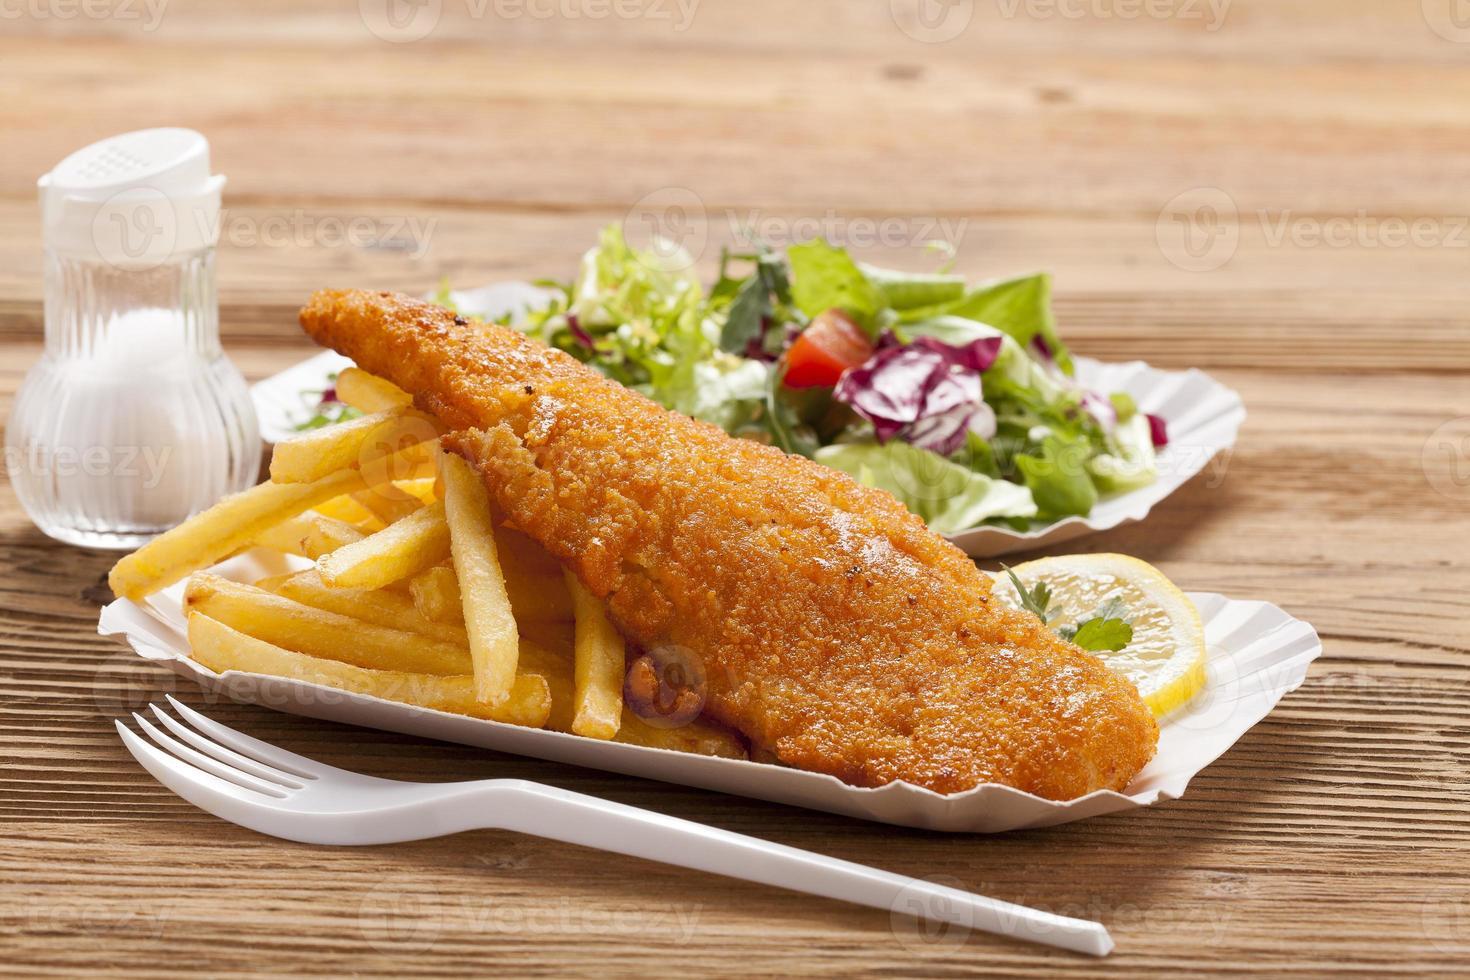 pescado frito con patatas fritas en una bandeja de papel foto